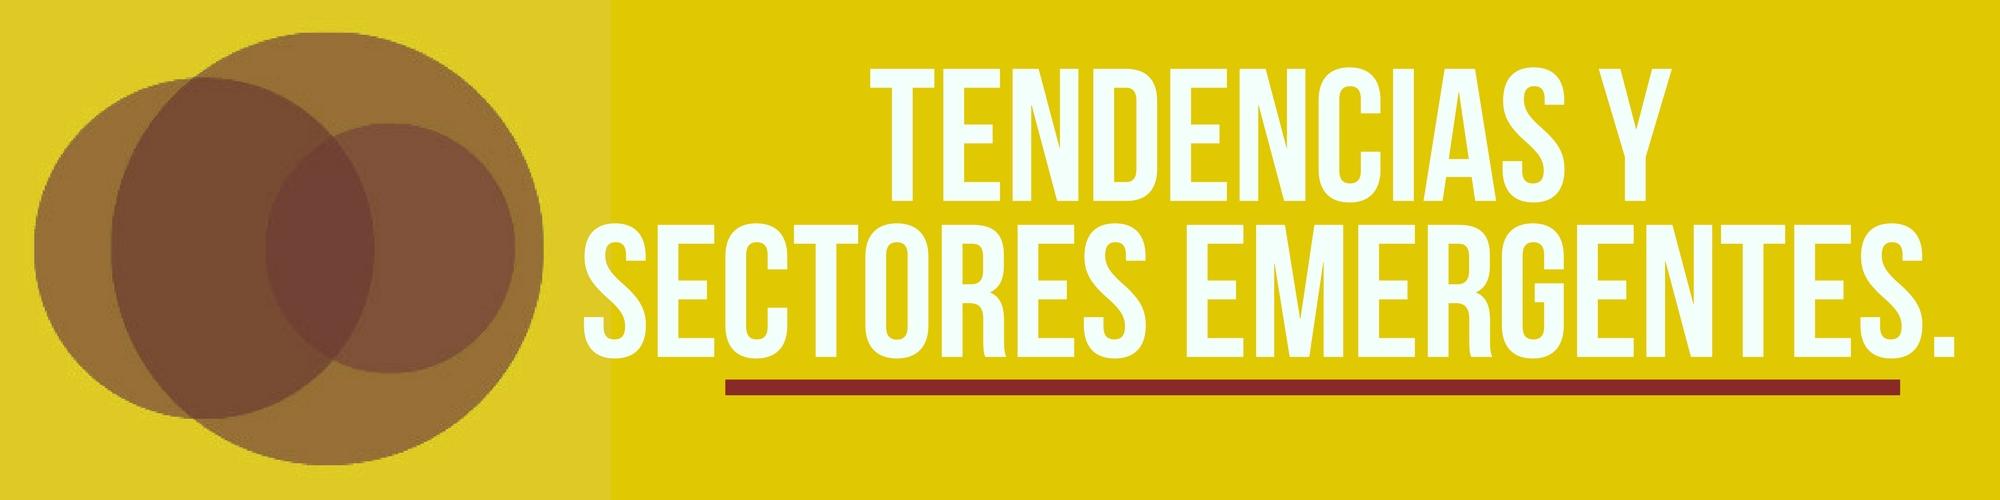 Tendencias y sectores emergentes[;;;][;;;]